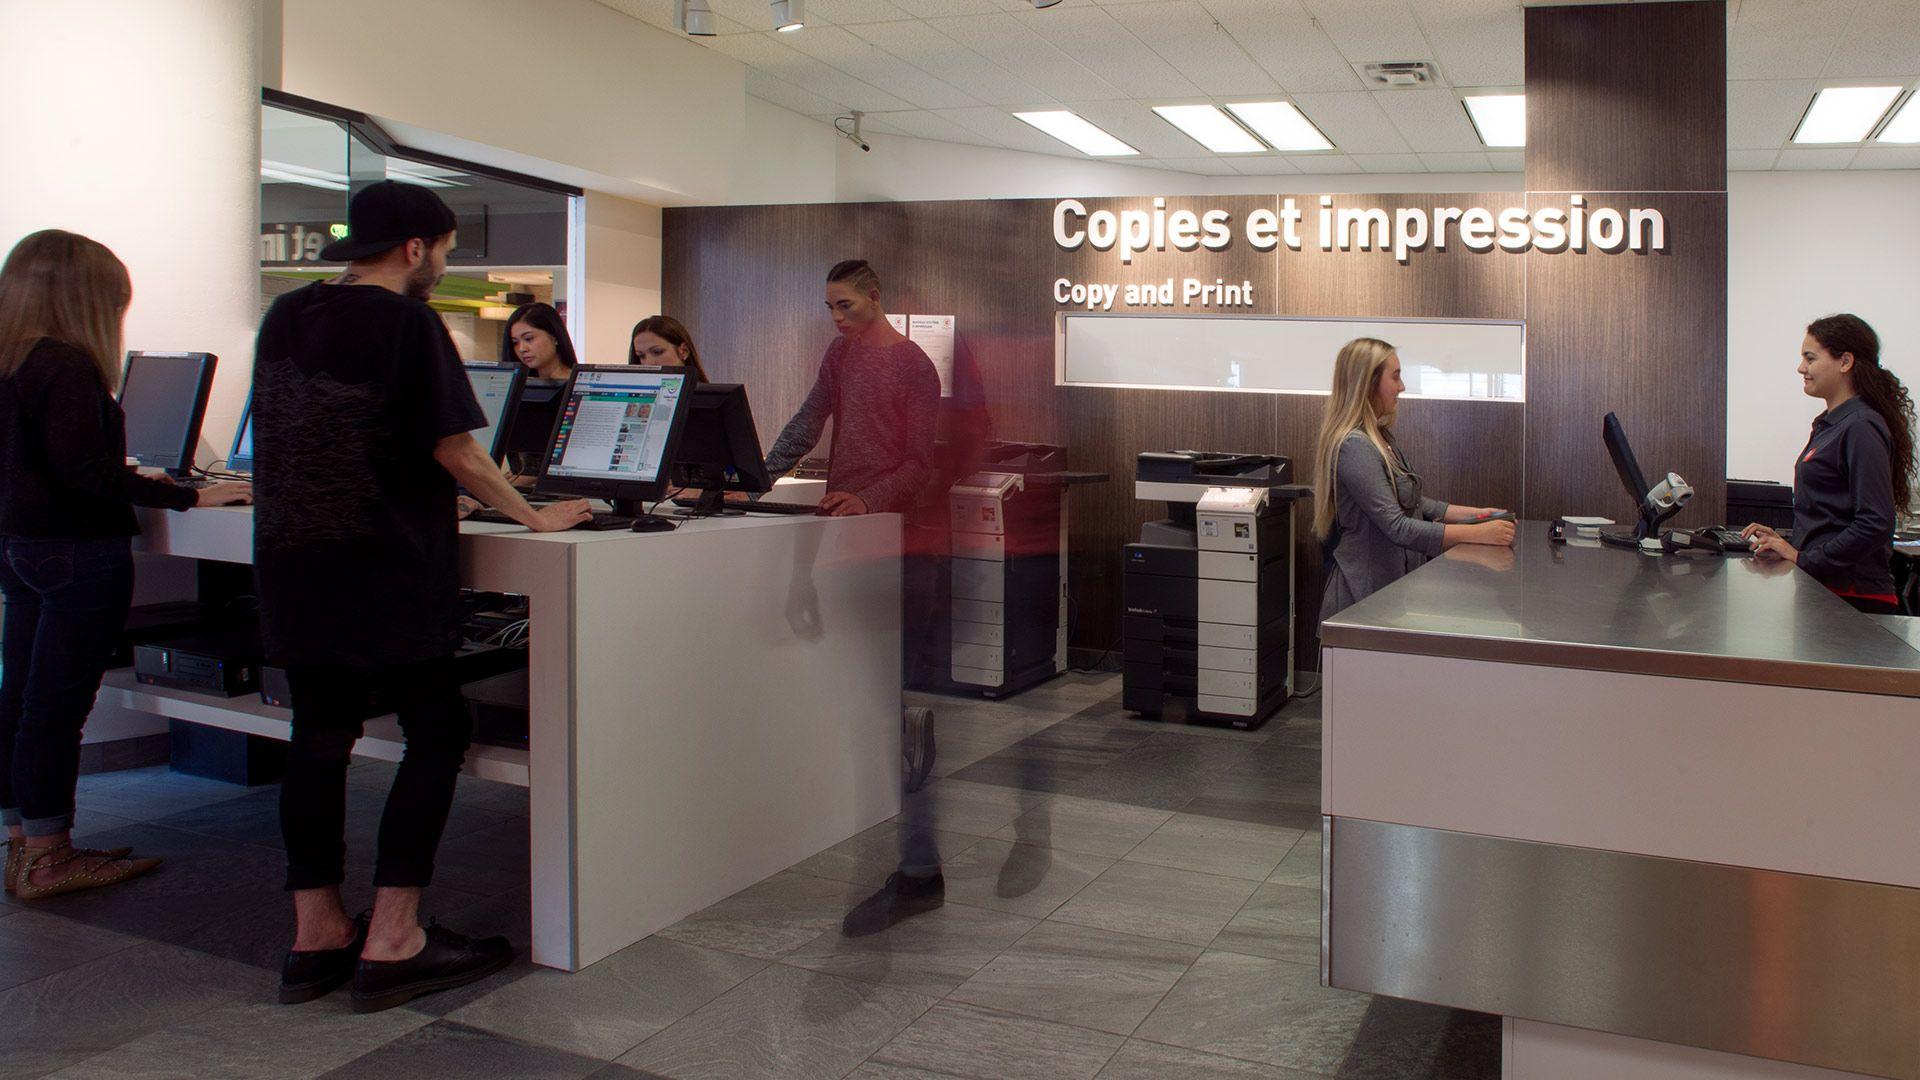 Service De Copies Et D Impression College Lasalle Montreal Six Ecoles Et Plus De 60 Programmes